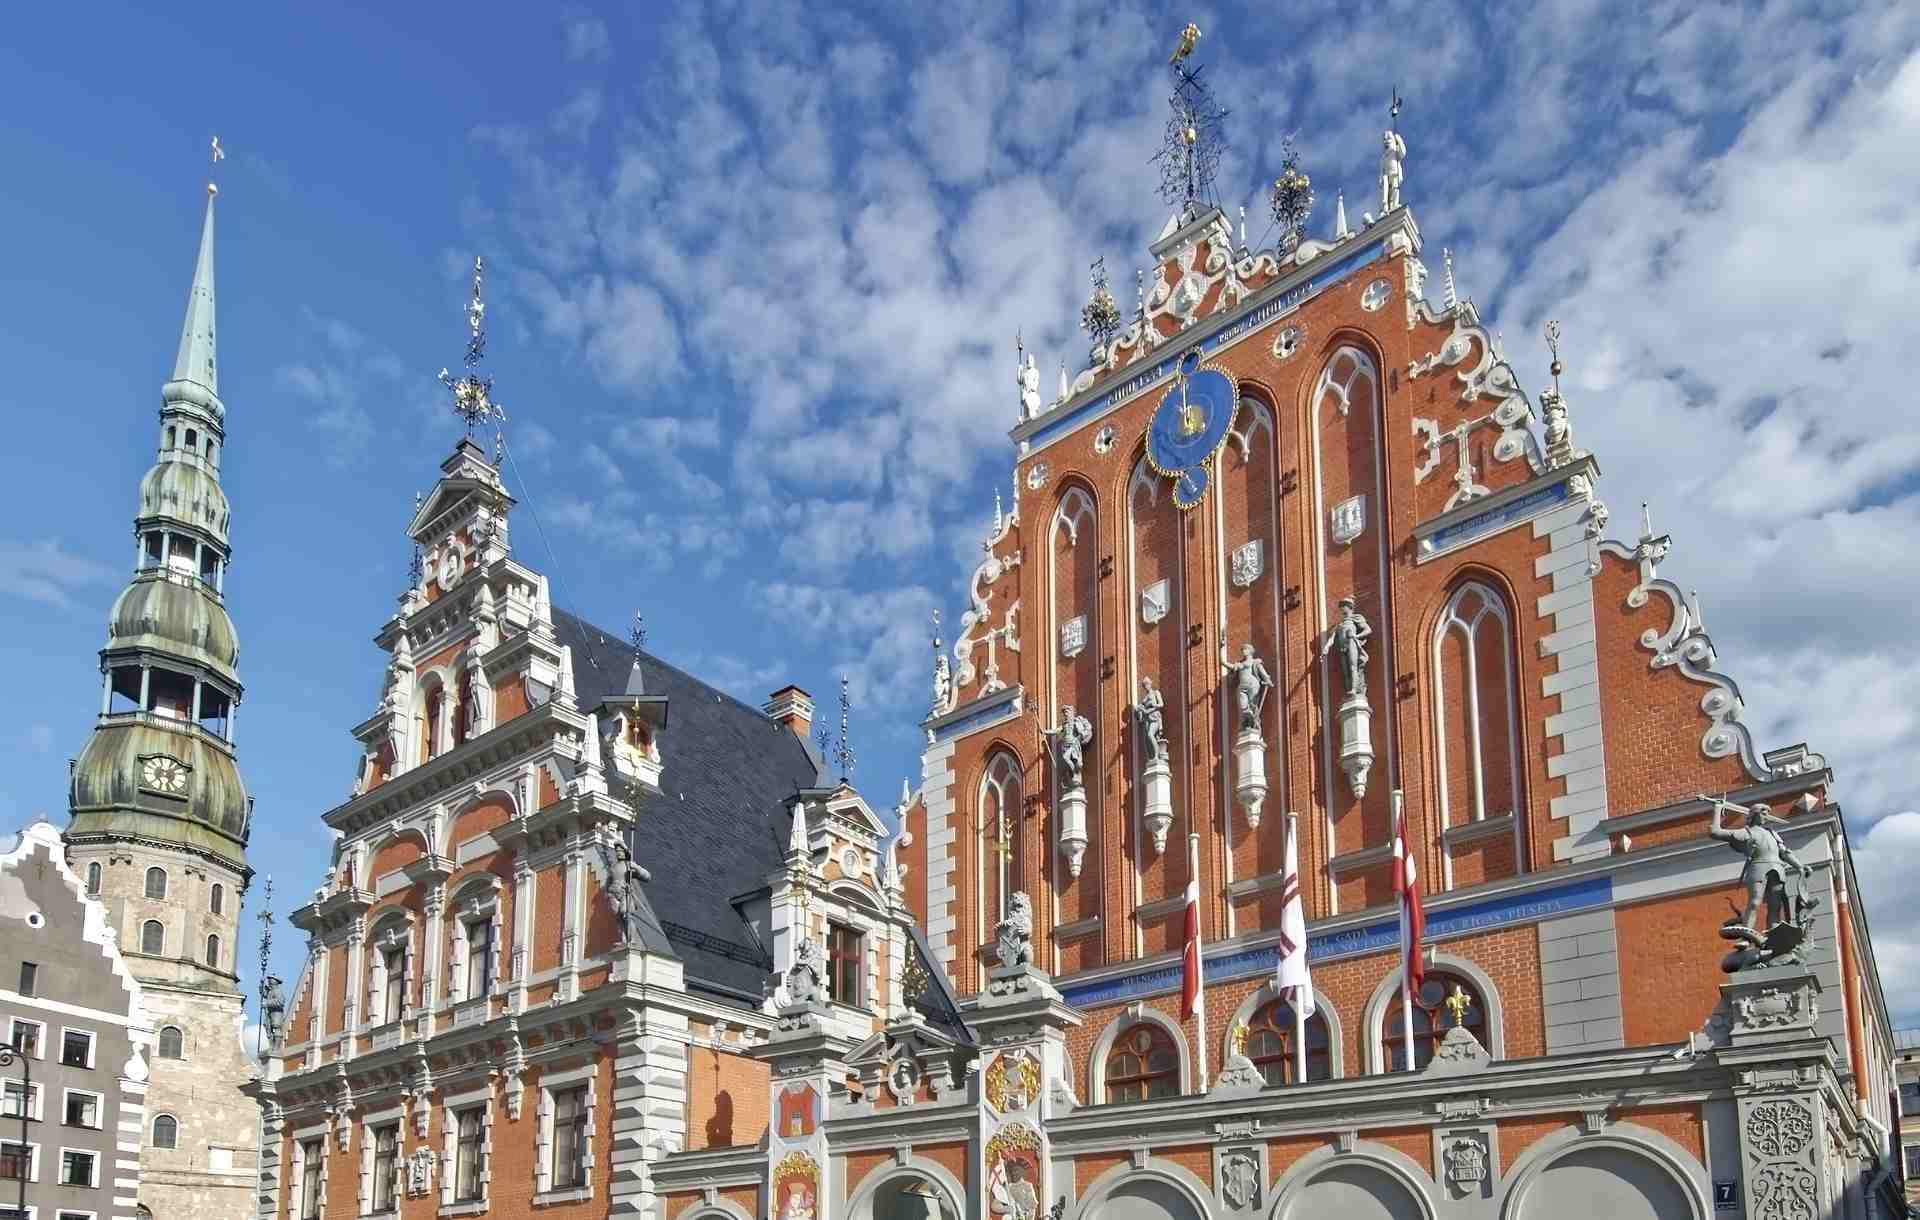 Riga's Art Nouveau [QUEST IN TEST MODE] image